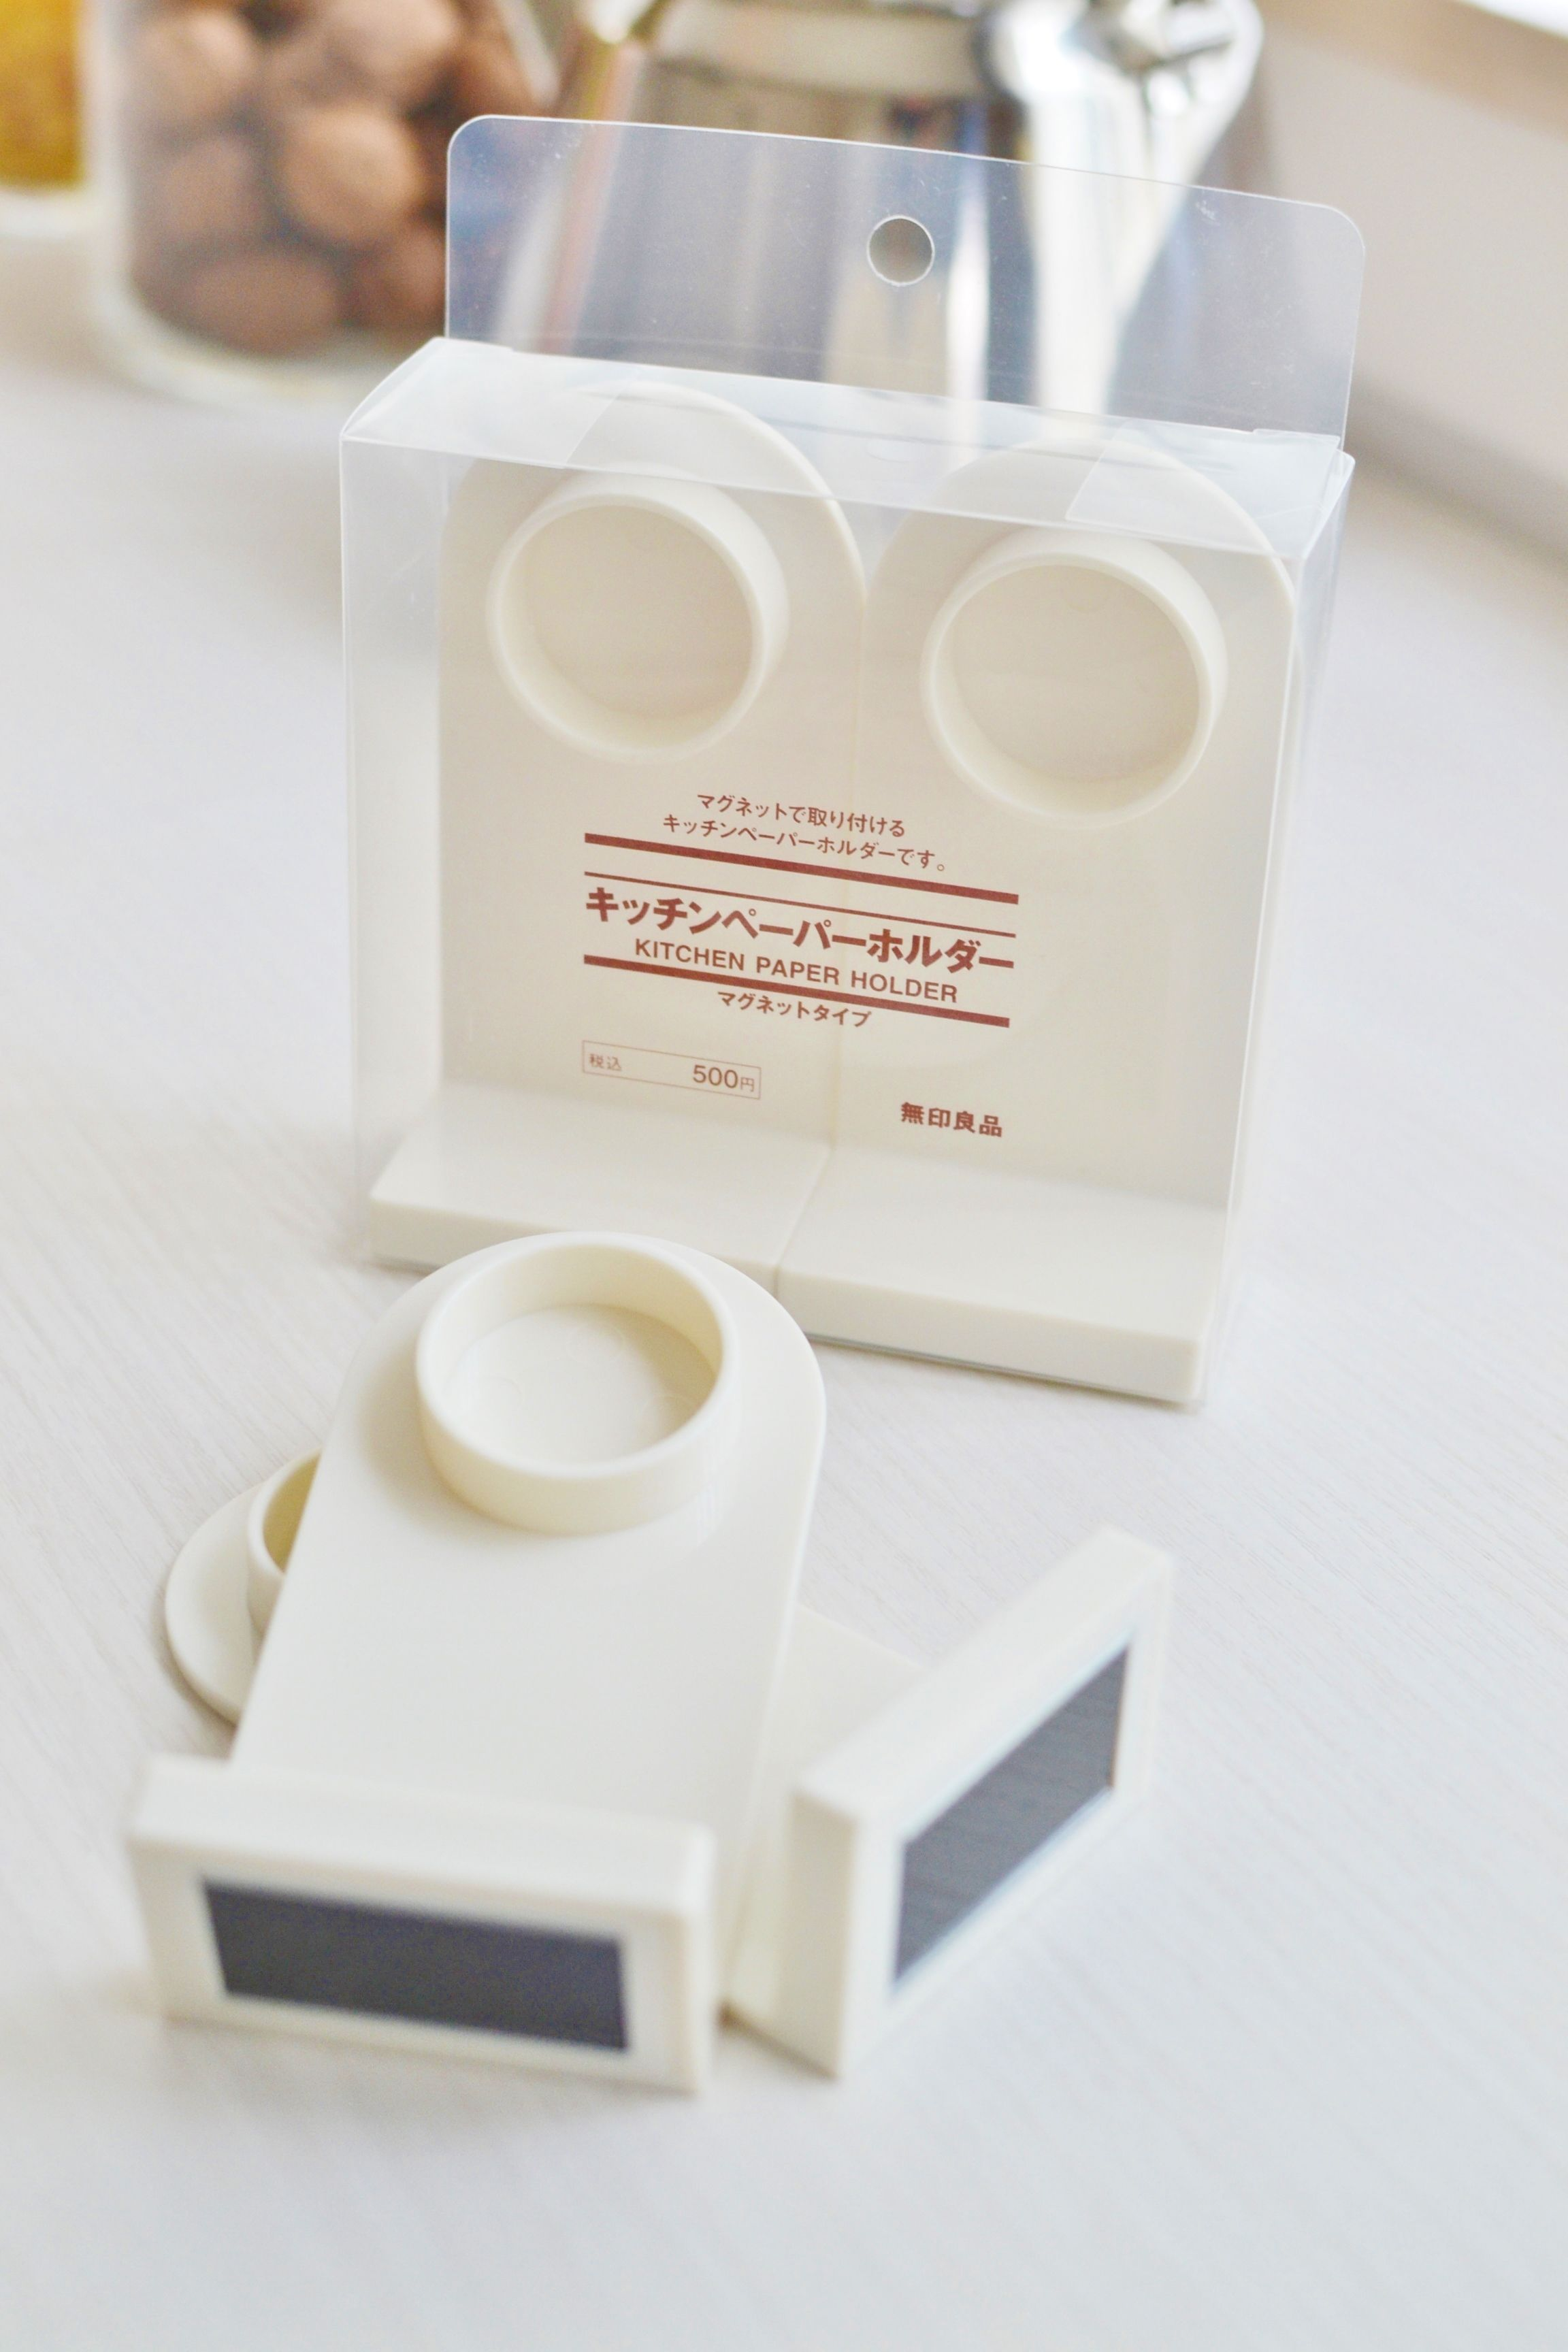 無印良品の キッチンペーパーホルダー が使える 収納のプチストレスをなくすテクニック Sumai 日刊住まい キッチンペーパーホルダー キッチンペーパーホルダー マグネット キッチンペーパー